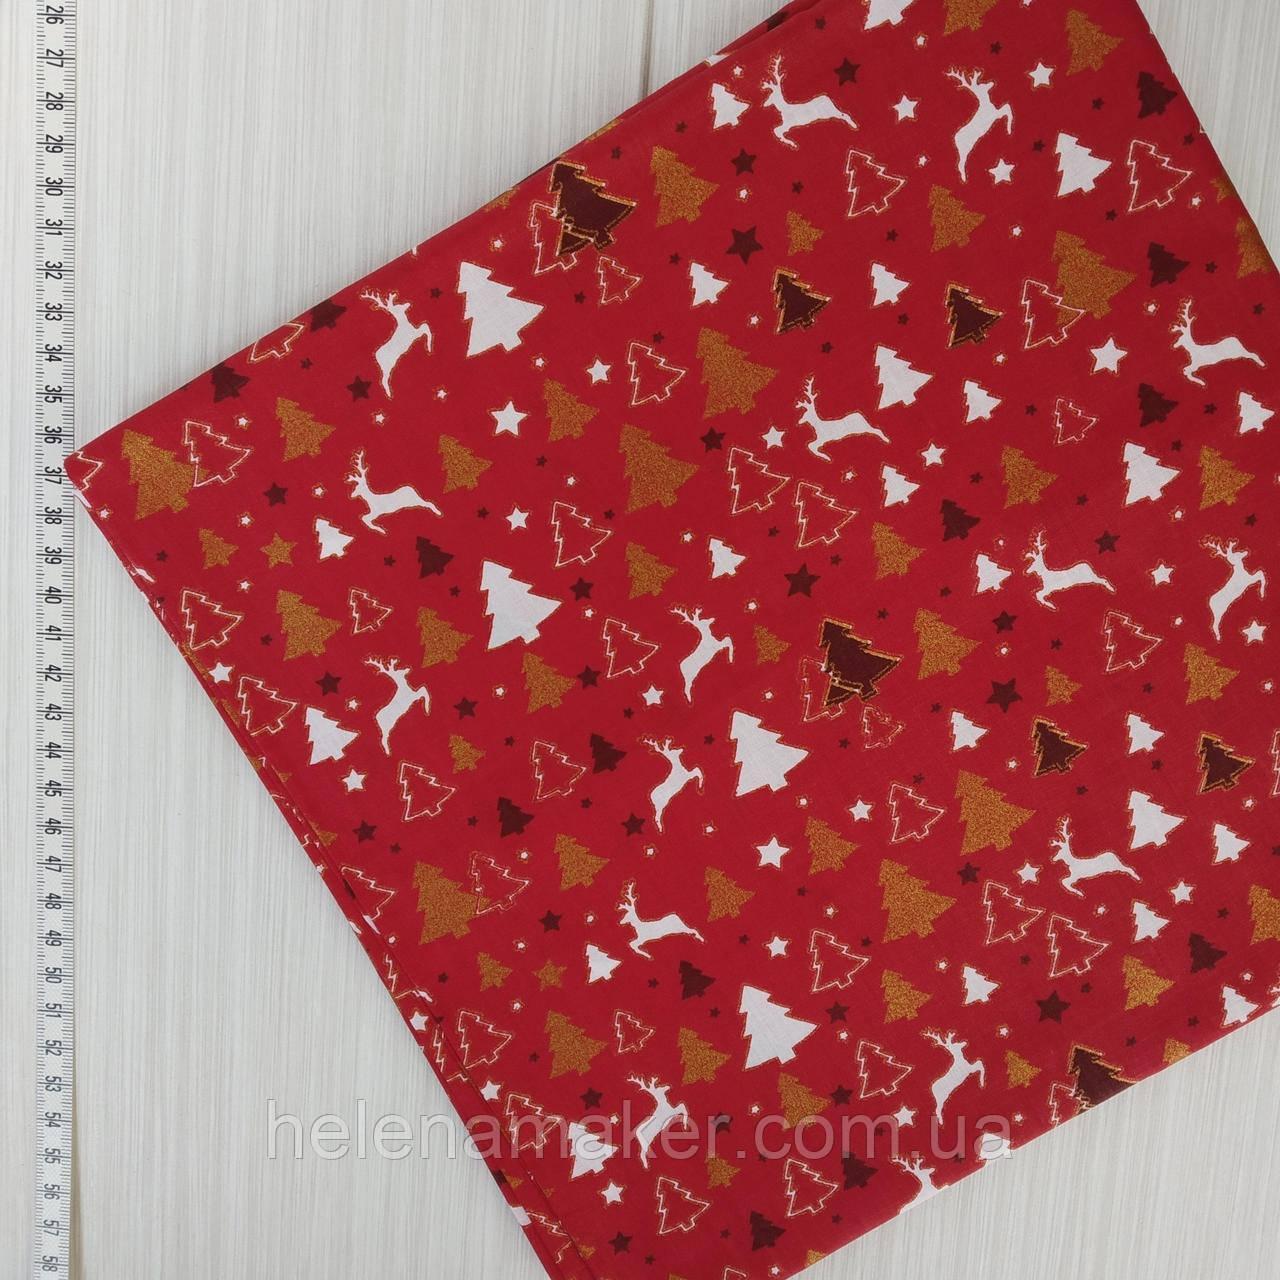 Новогодняя ткань для рукоделия Золотые глиттерные елочки на красном фоне 50*50 см